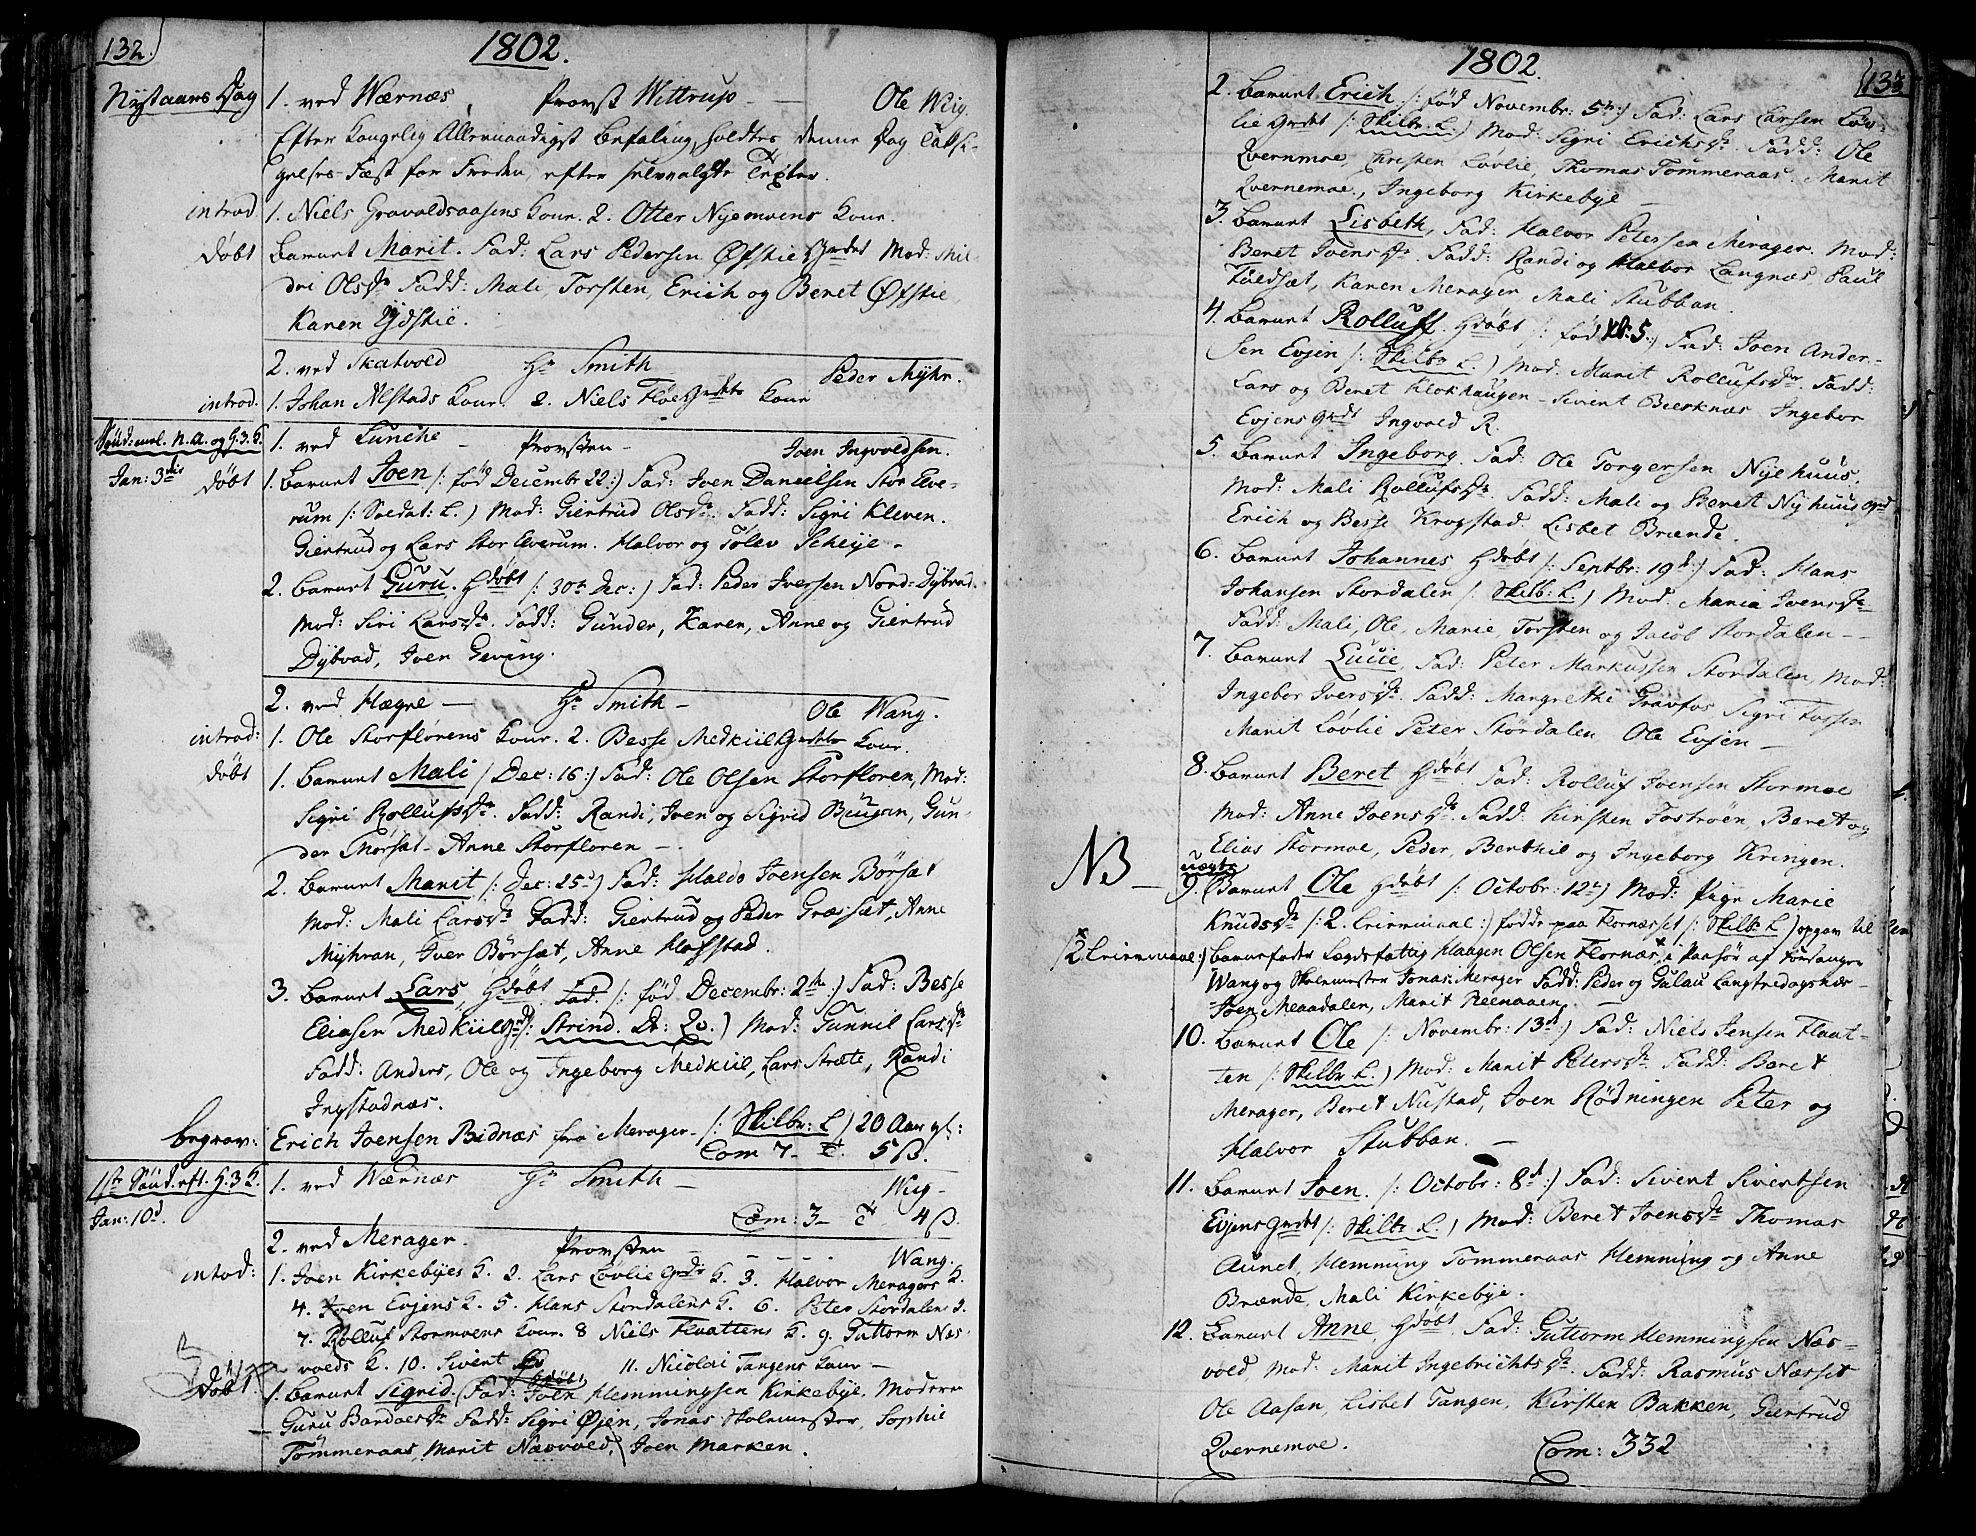 SAT, Ministerialprotokoller, klokkerbøker og fødselsregistre - Nord-Trøndelag, 709/L0060: Ministerialbok nr. 709A07, 1797-1815, s. 132-133